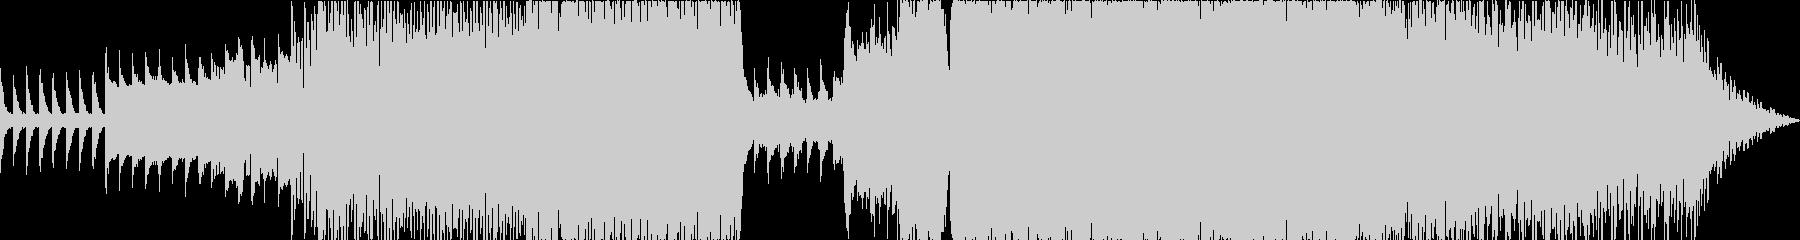 ハイストリングスなしの未再生の波形